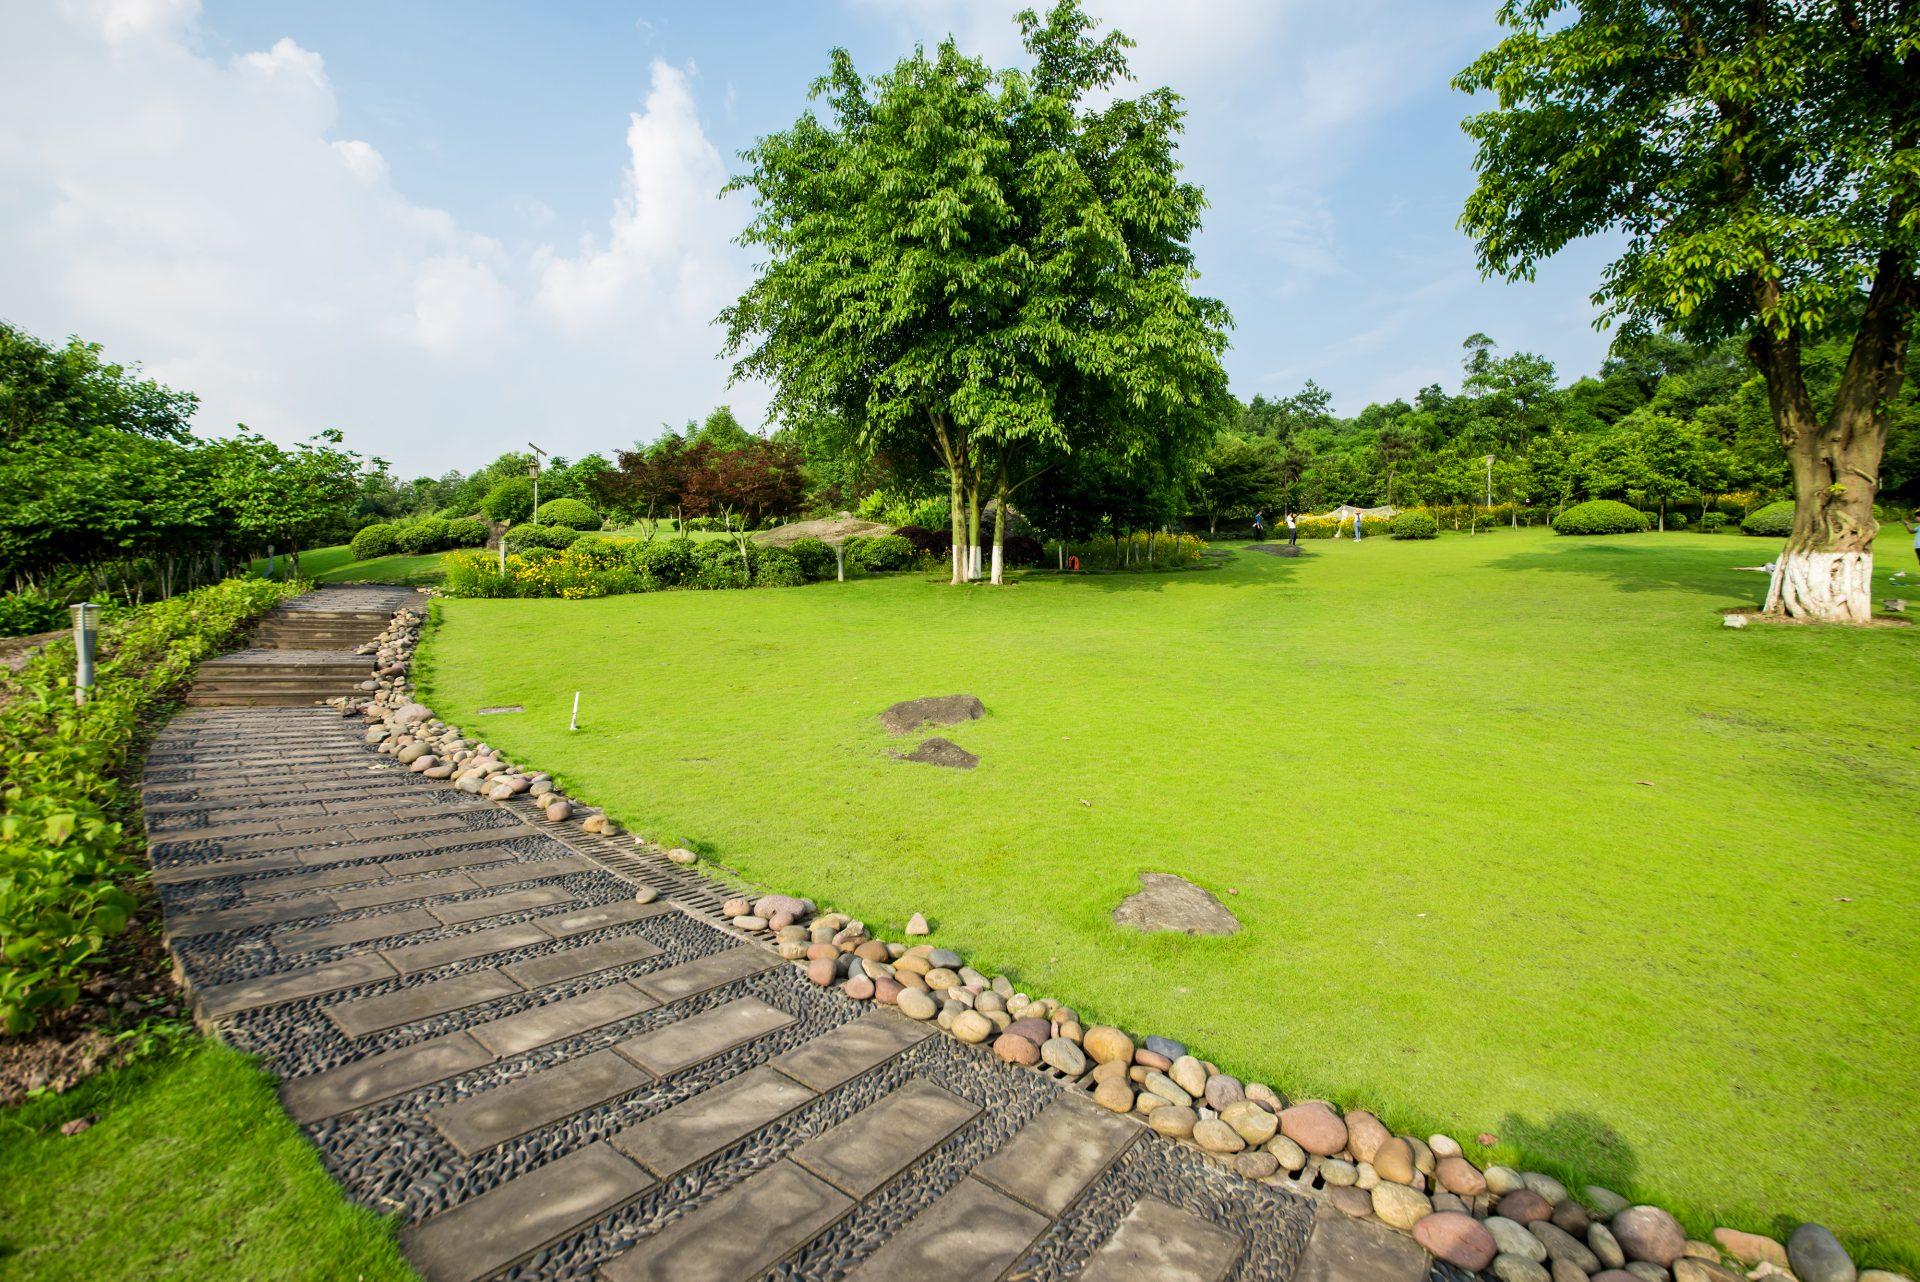 travnik-stromy-chodnicek-kamene-priroda-zahrada